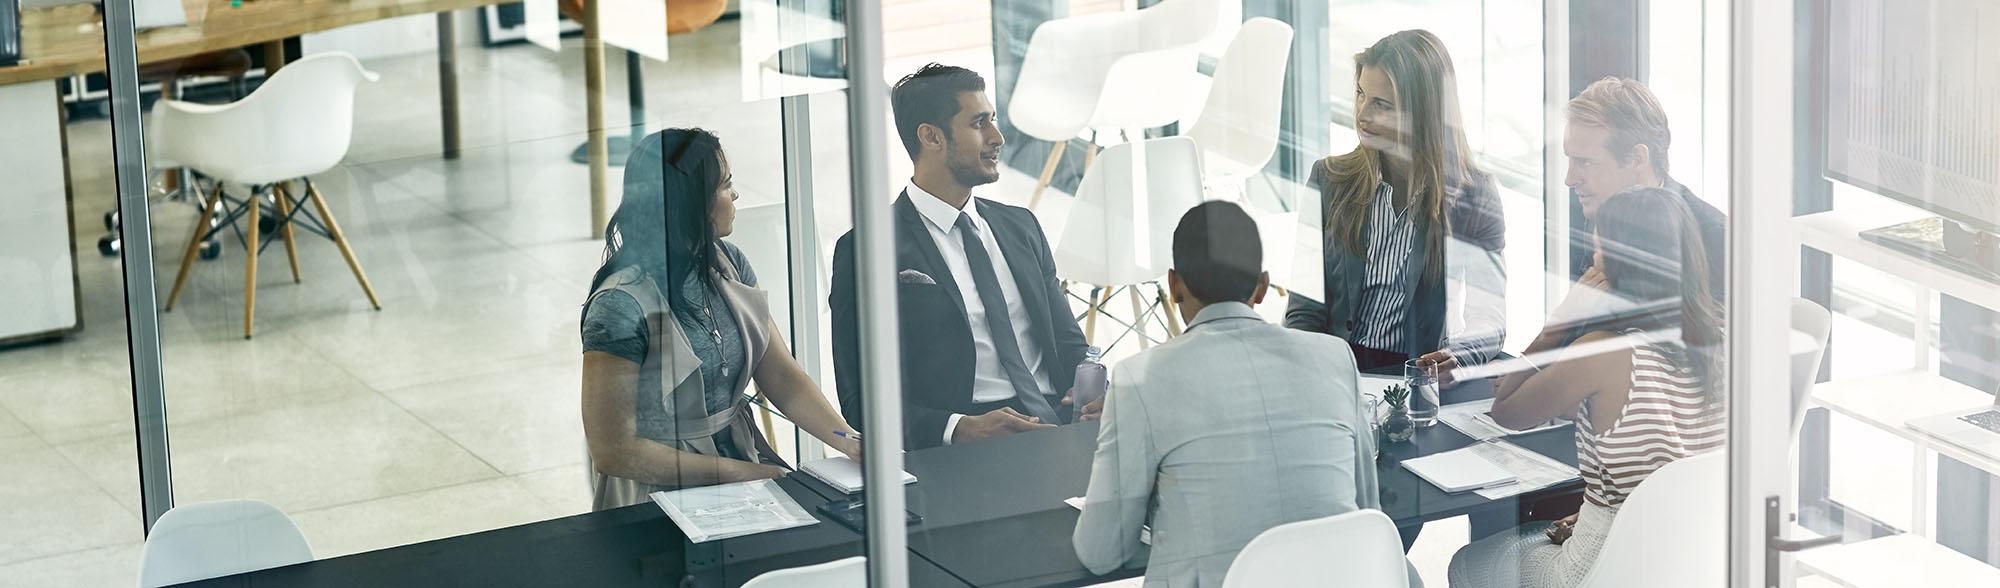 Aicila Consulting - Management Consulting